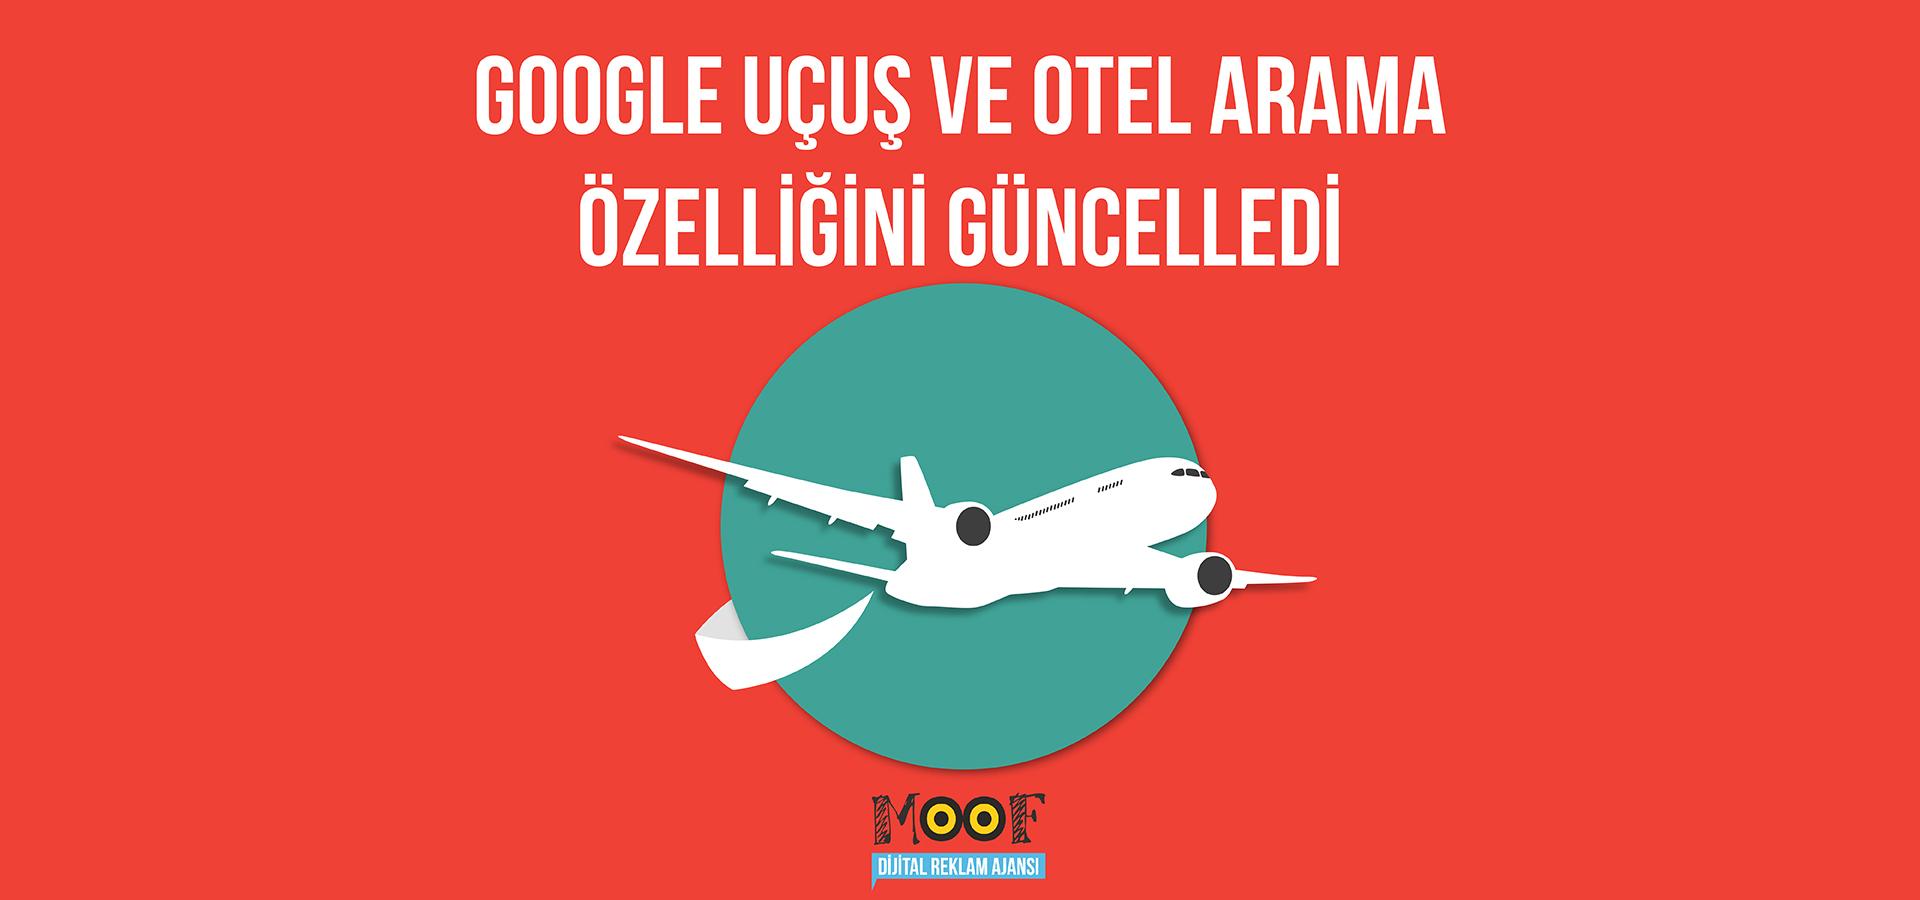 Google, Uçuş ve Otel Arama Özelliğini Güncelledi